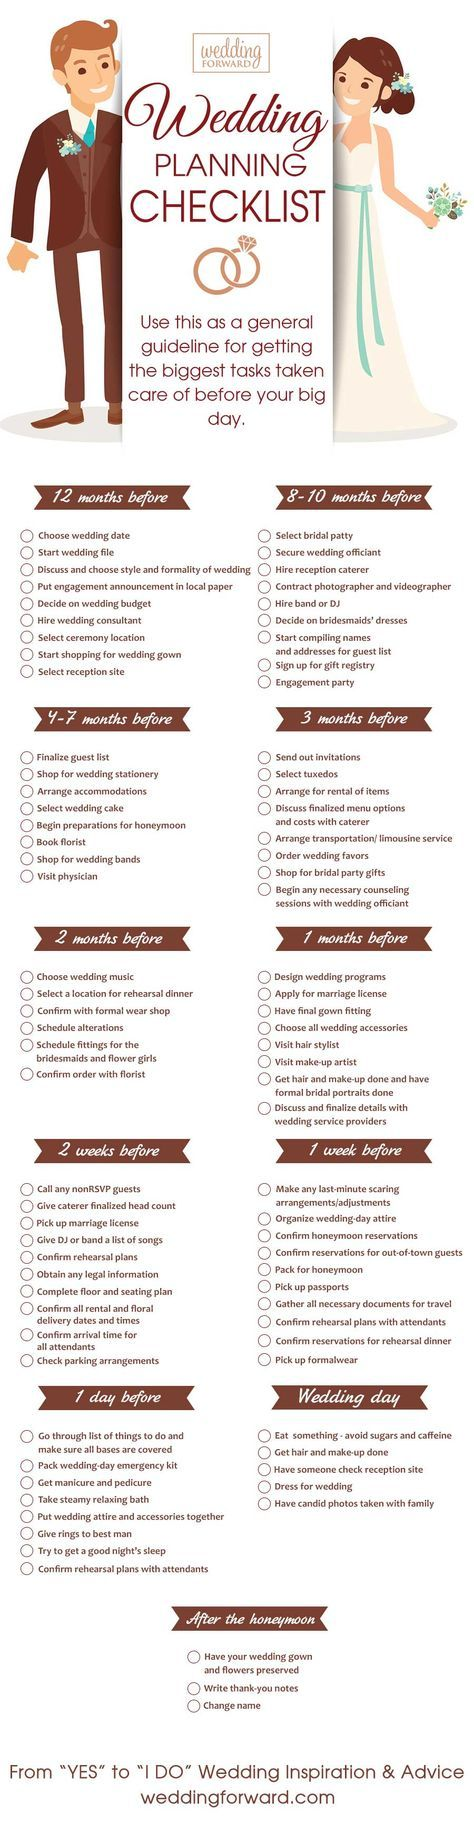 Wedding Planning Timeline 12 Months Wedding Calendar Wedding Planning Timeline Wedding Planning Checklist Wedding Planning